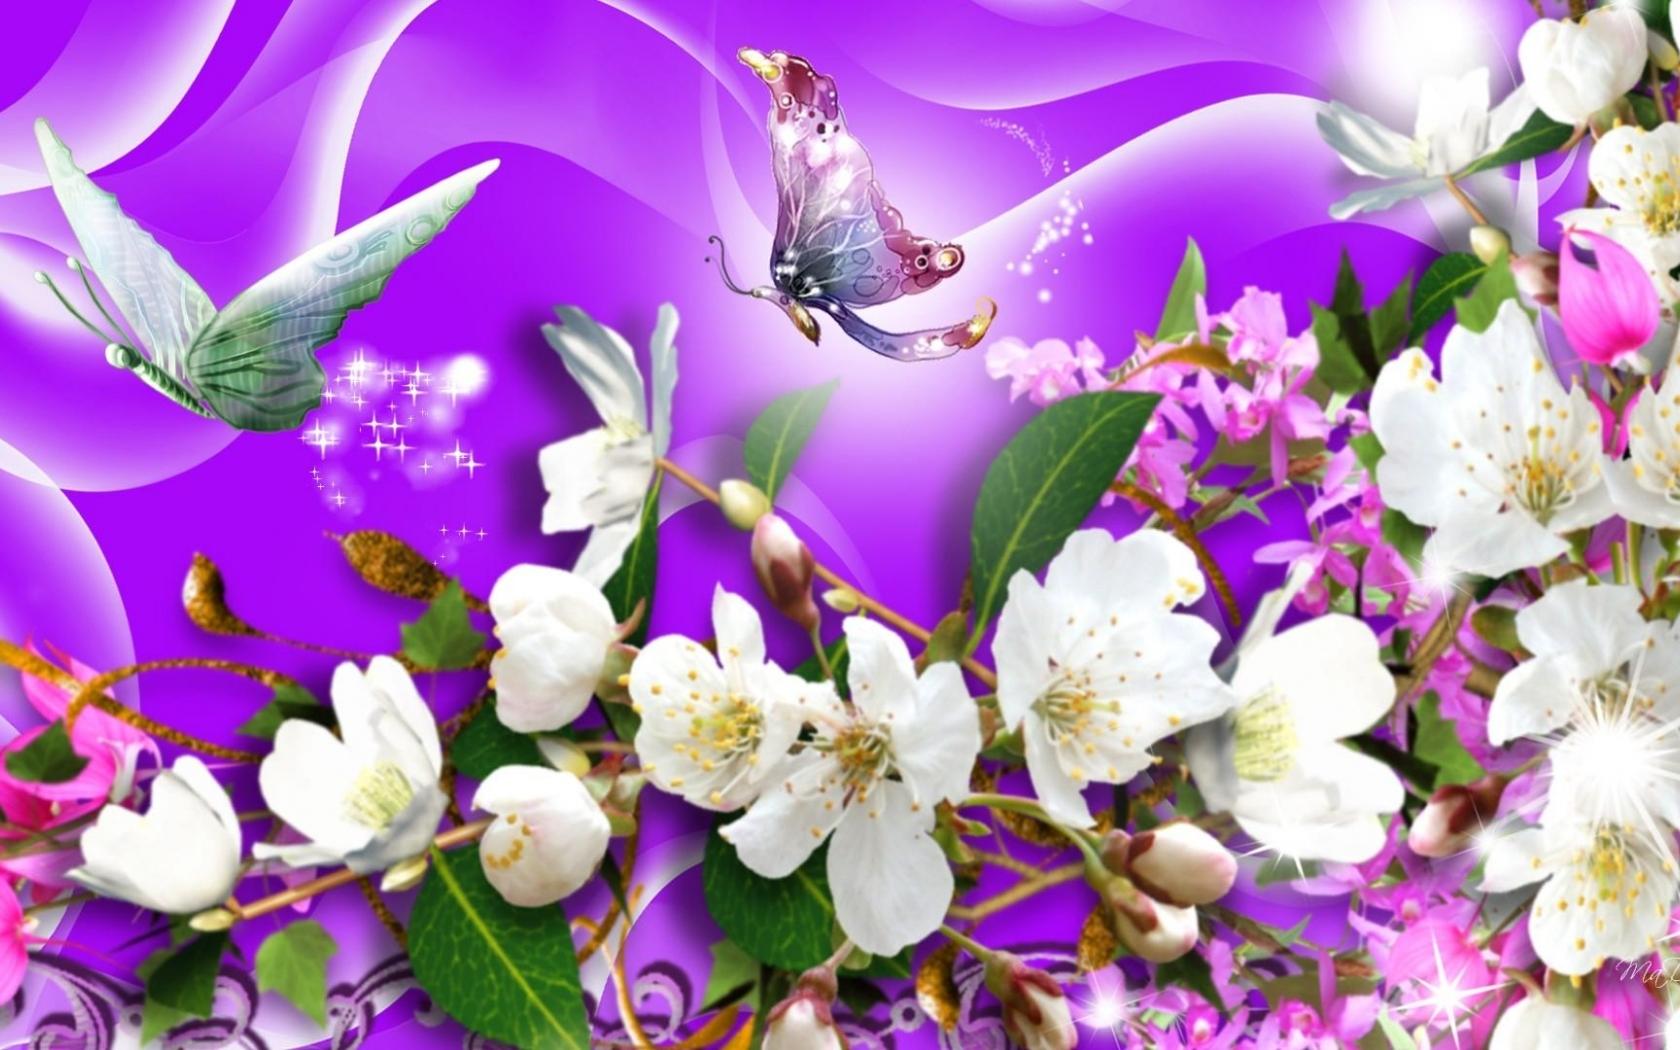 74+ Purple Butterfly Wallpaper on WallpaperSafari